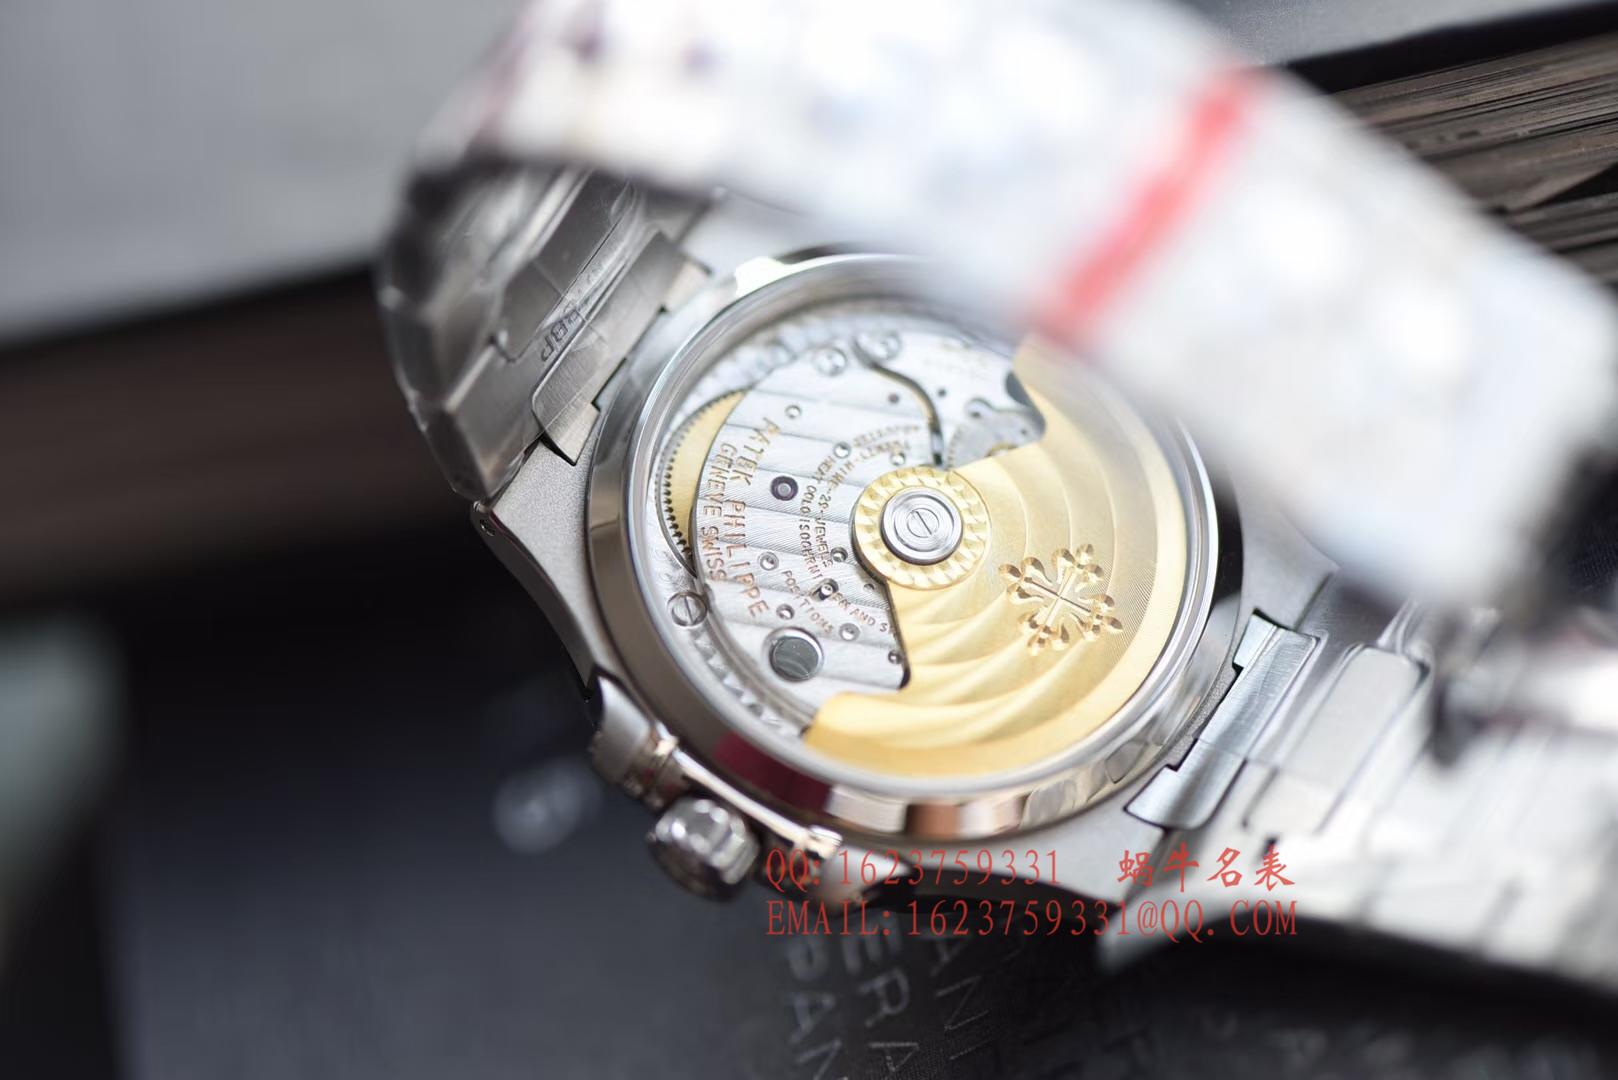 【PF一比一超A高仿手表】百达翡丽运动系列7118/1A-011女士腕表(鹦鹉螺) / BD222